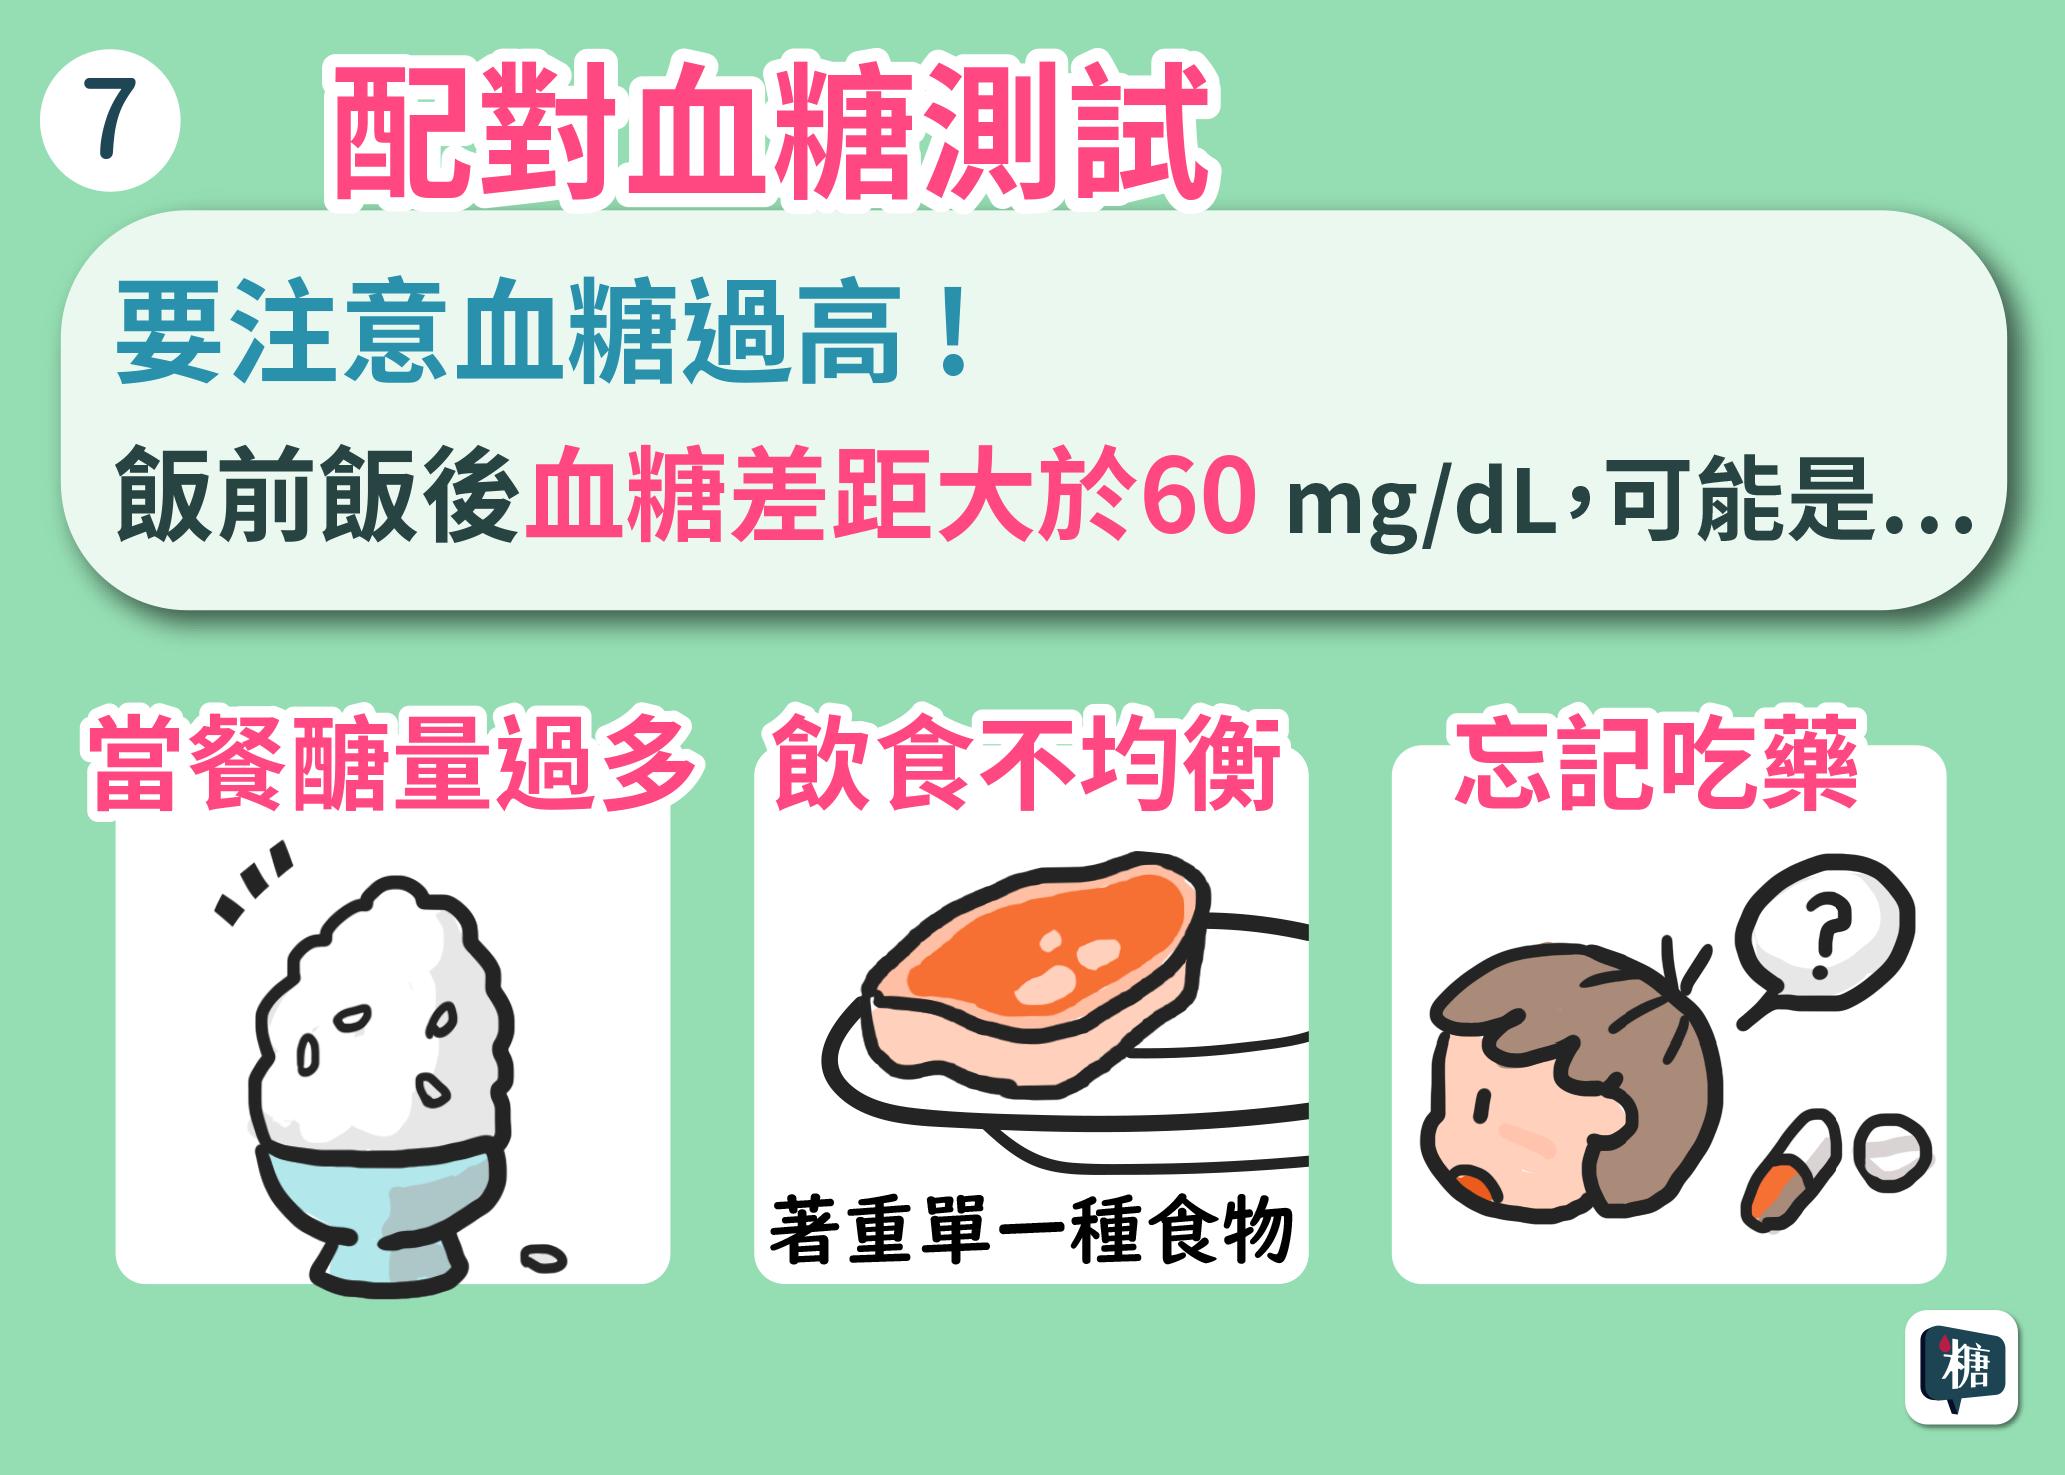 血糖數值怎麼看?什麼是配對血糖?